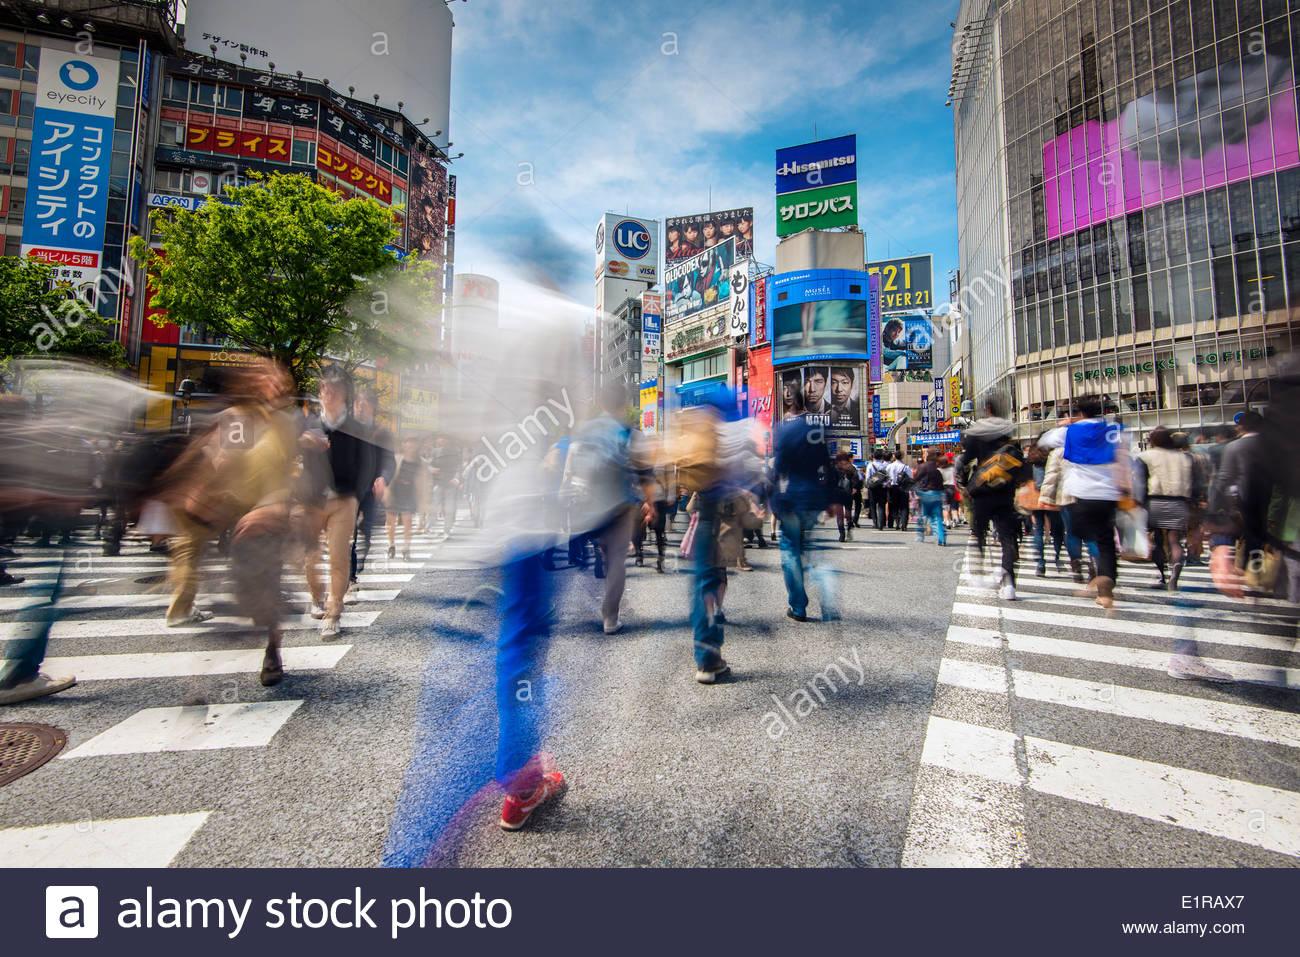 Verschwommene Fußgänger überqueren die Straße an der Kreuzung Shibuya, Tokyo, Japan Stockbild